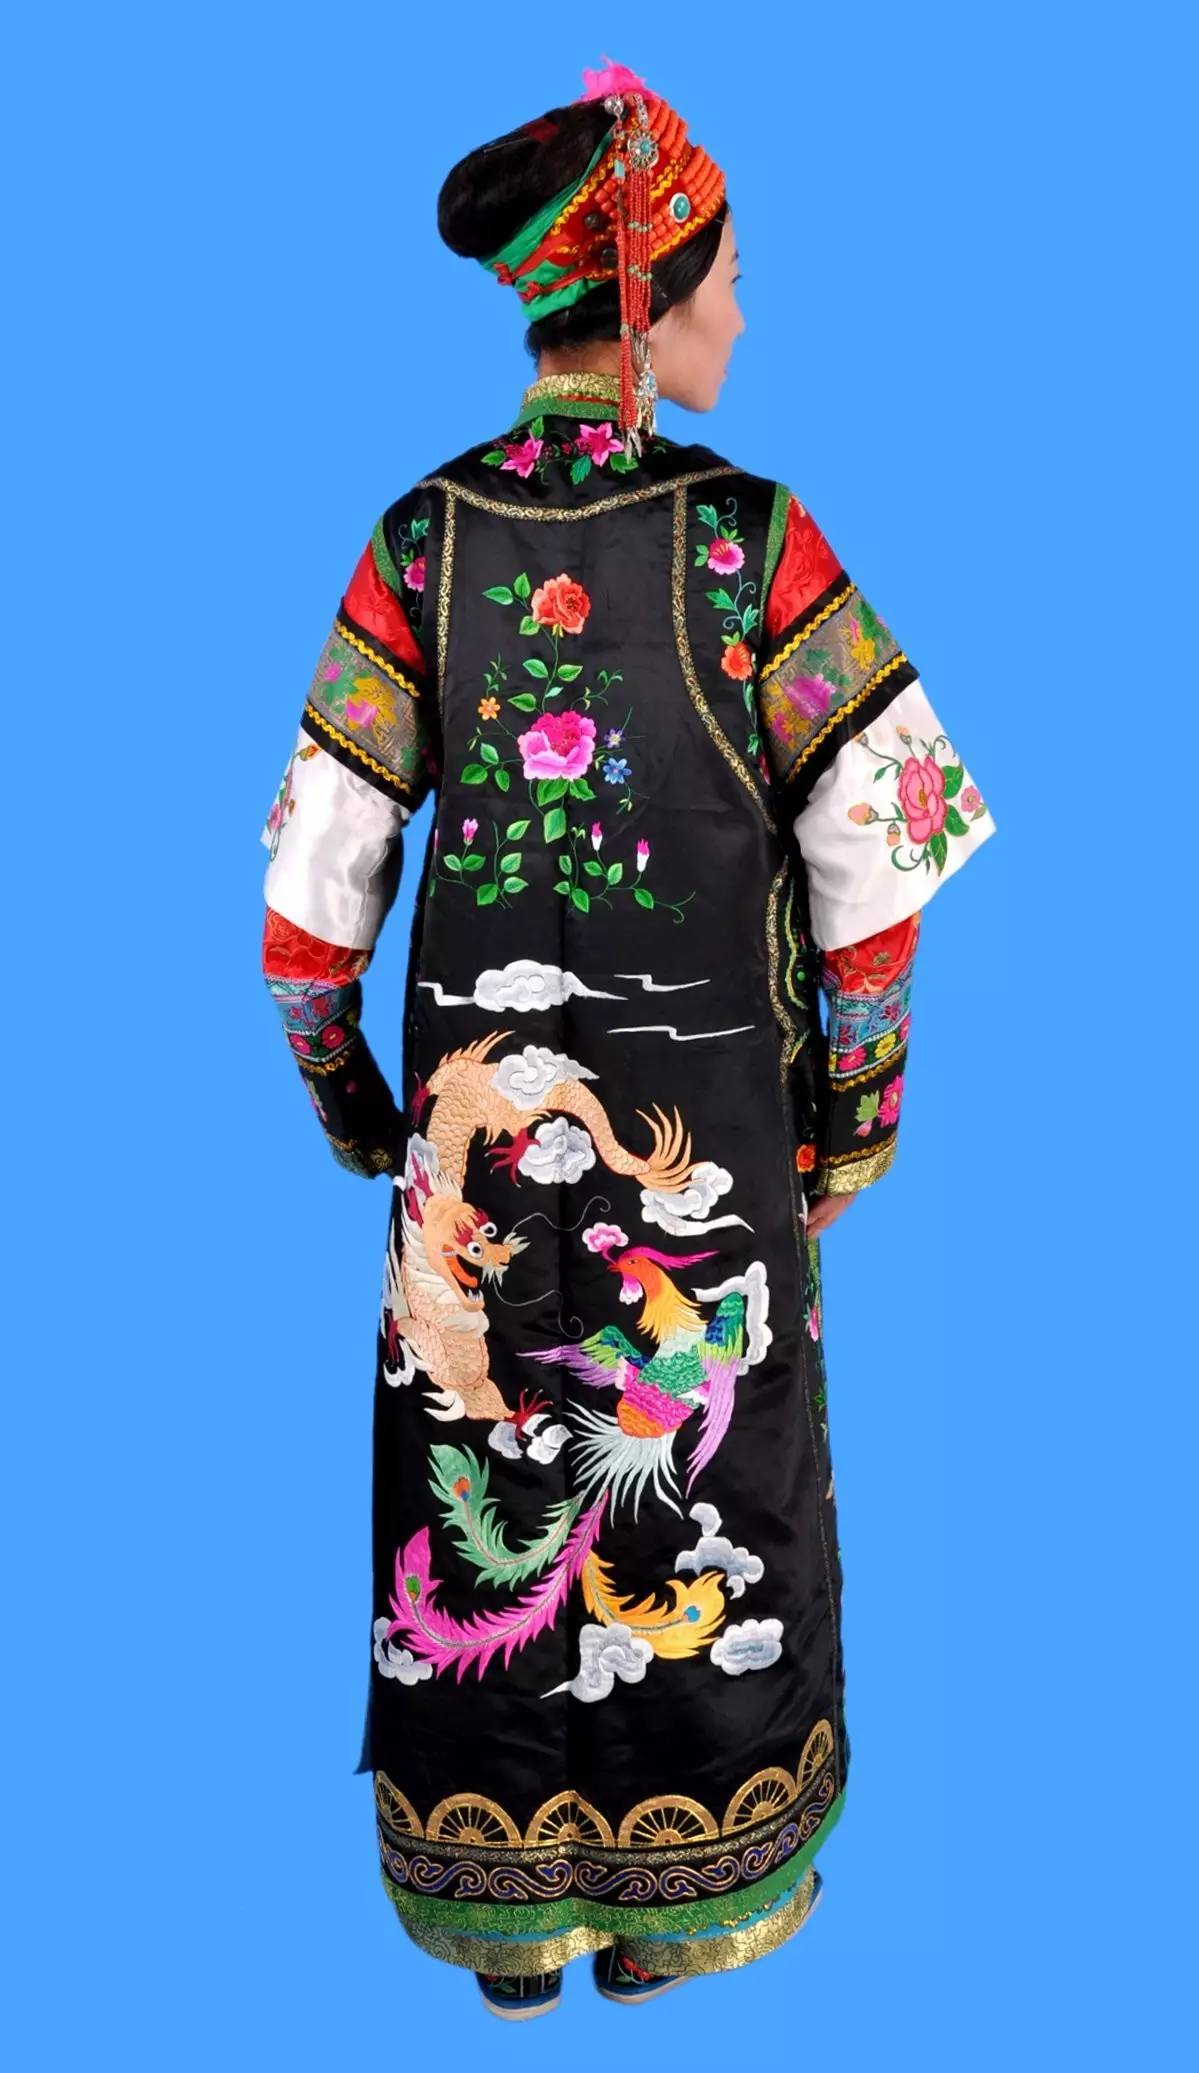 蒙古族刺绣非遗传承人——万花 第9张